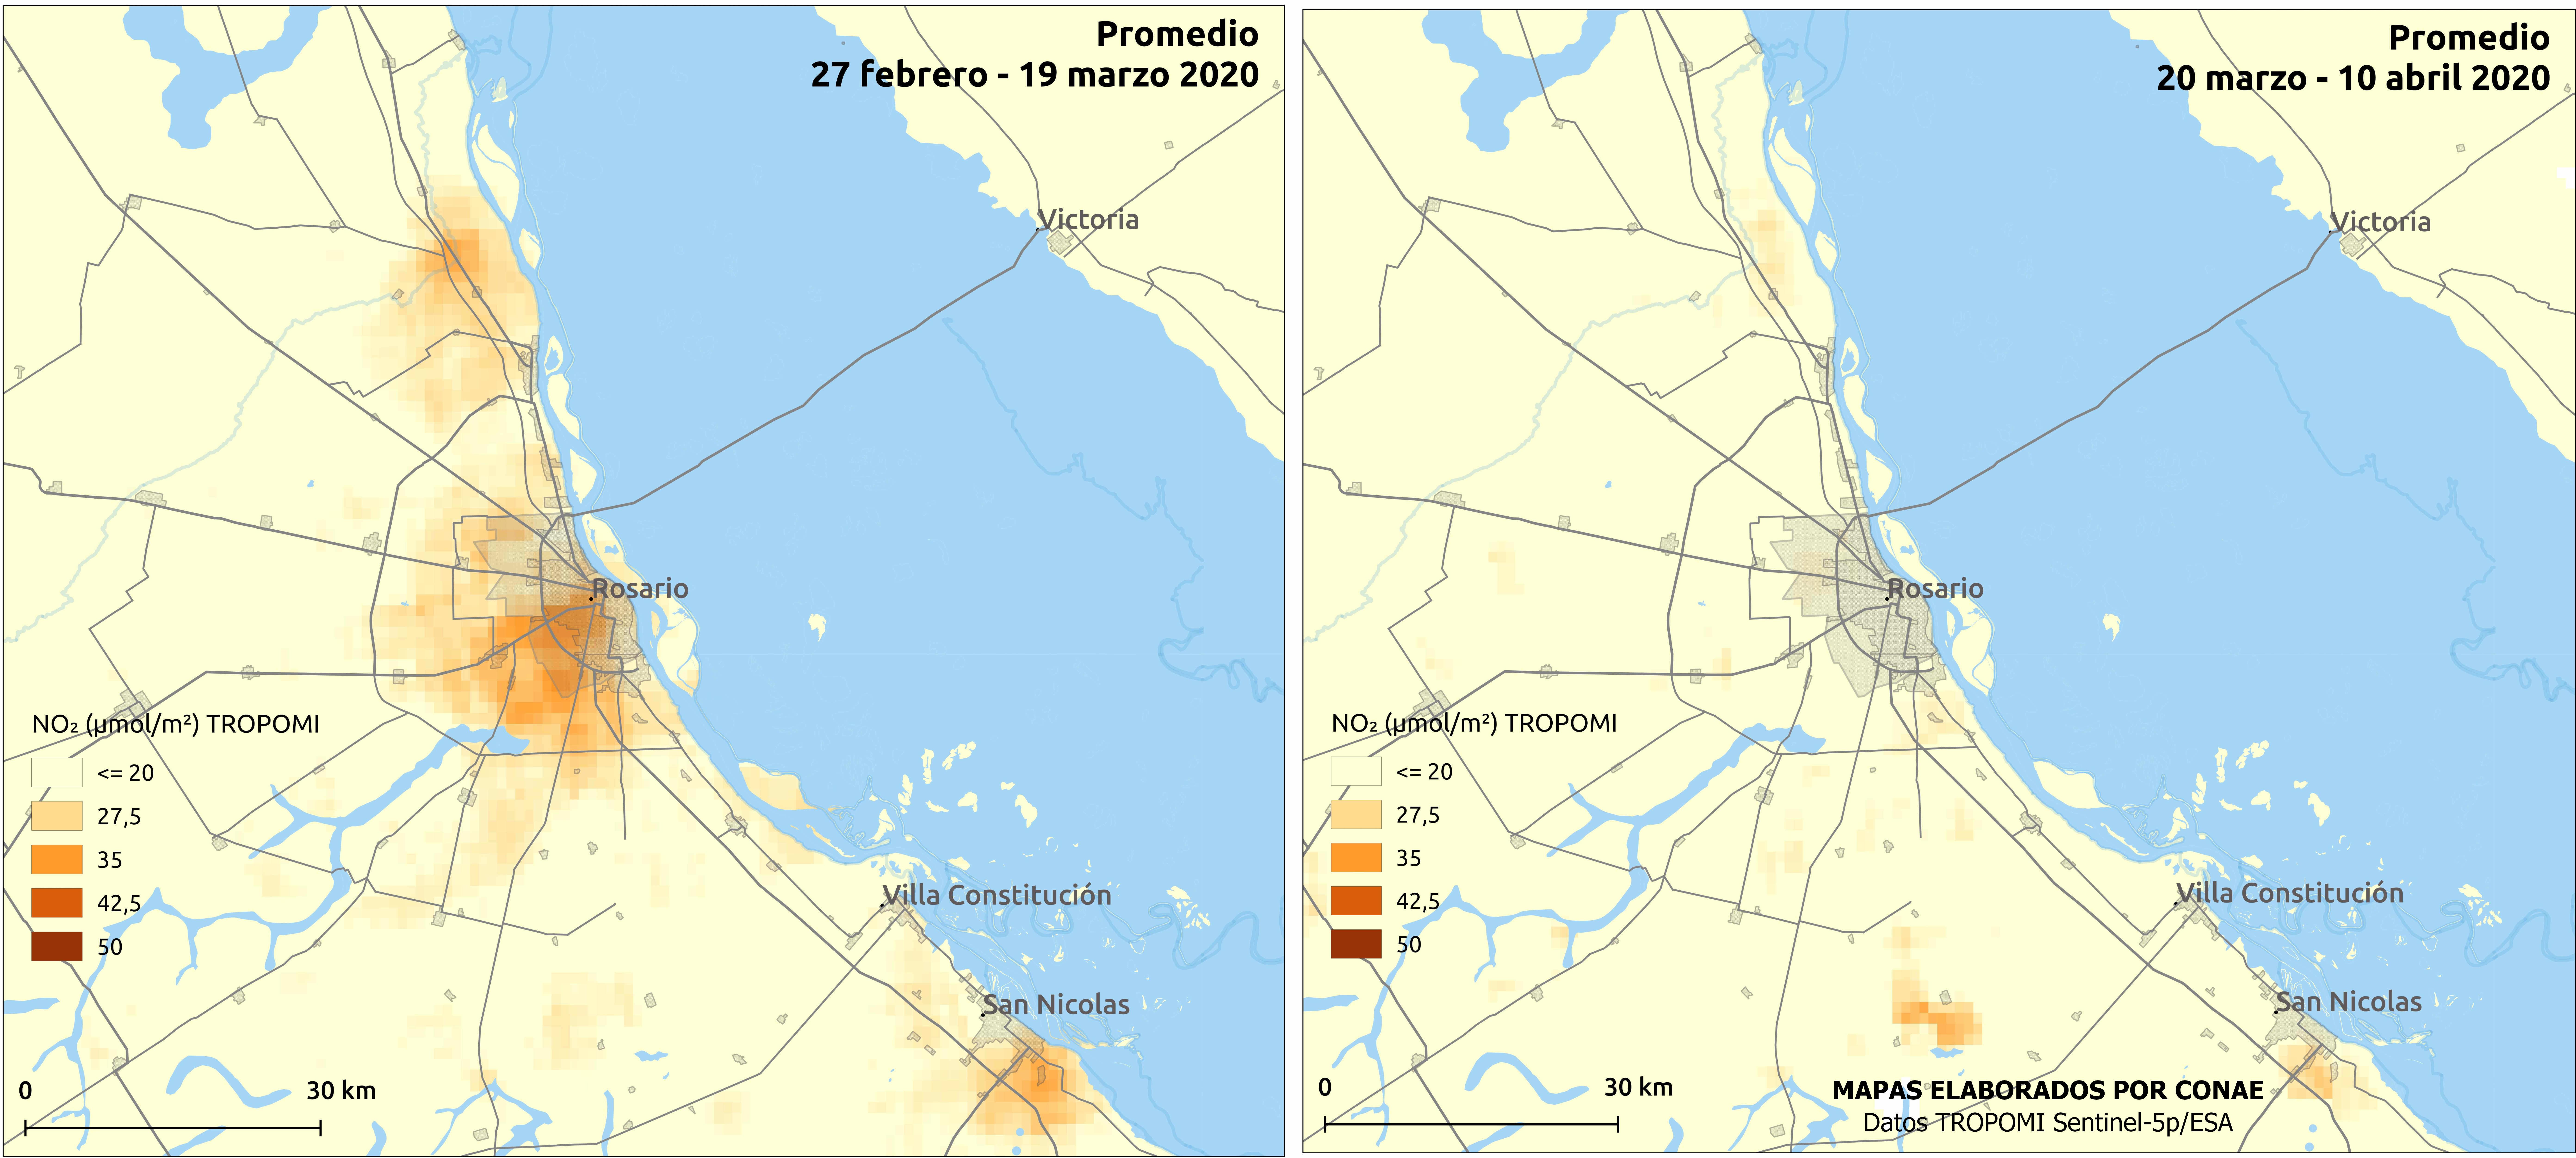 Los mapas pre-cuarentena y en cuarentena donde la polución se observa en tonos naranja.